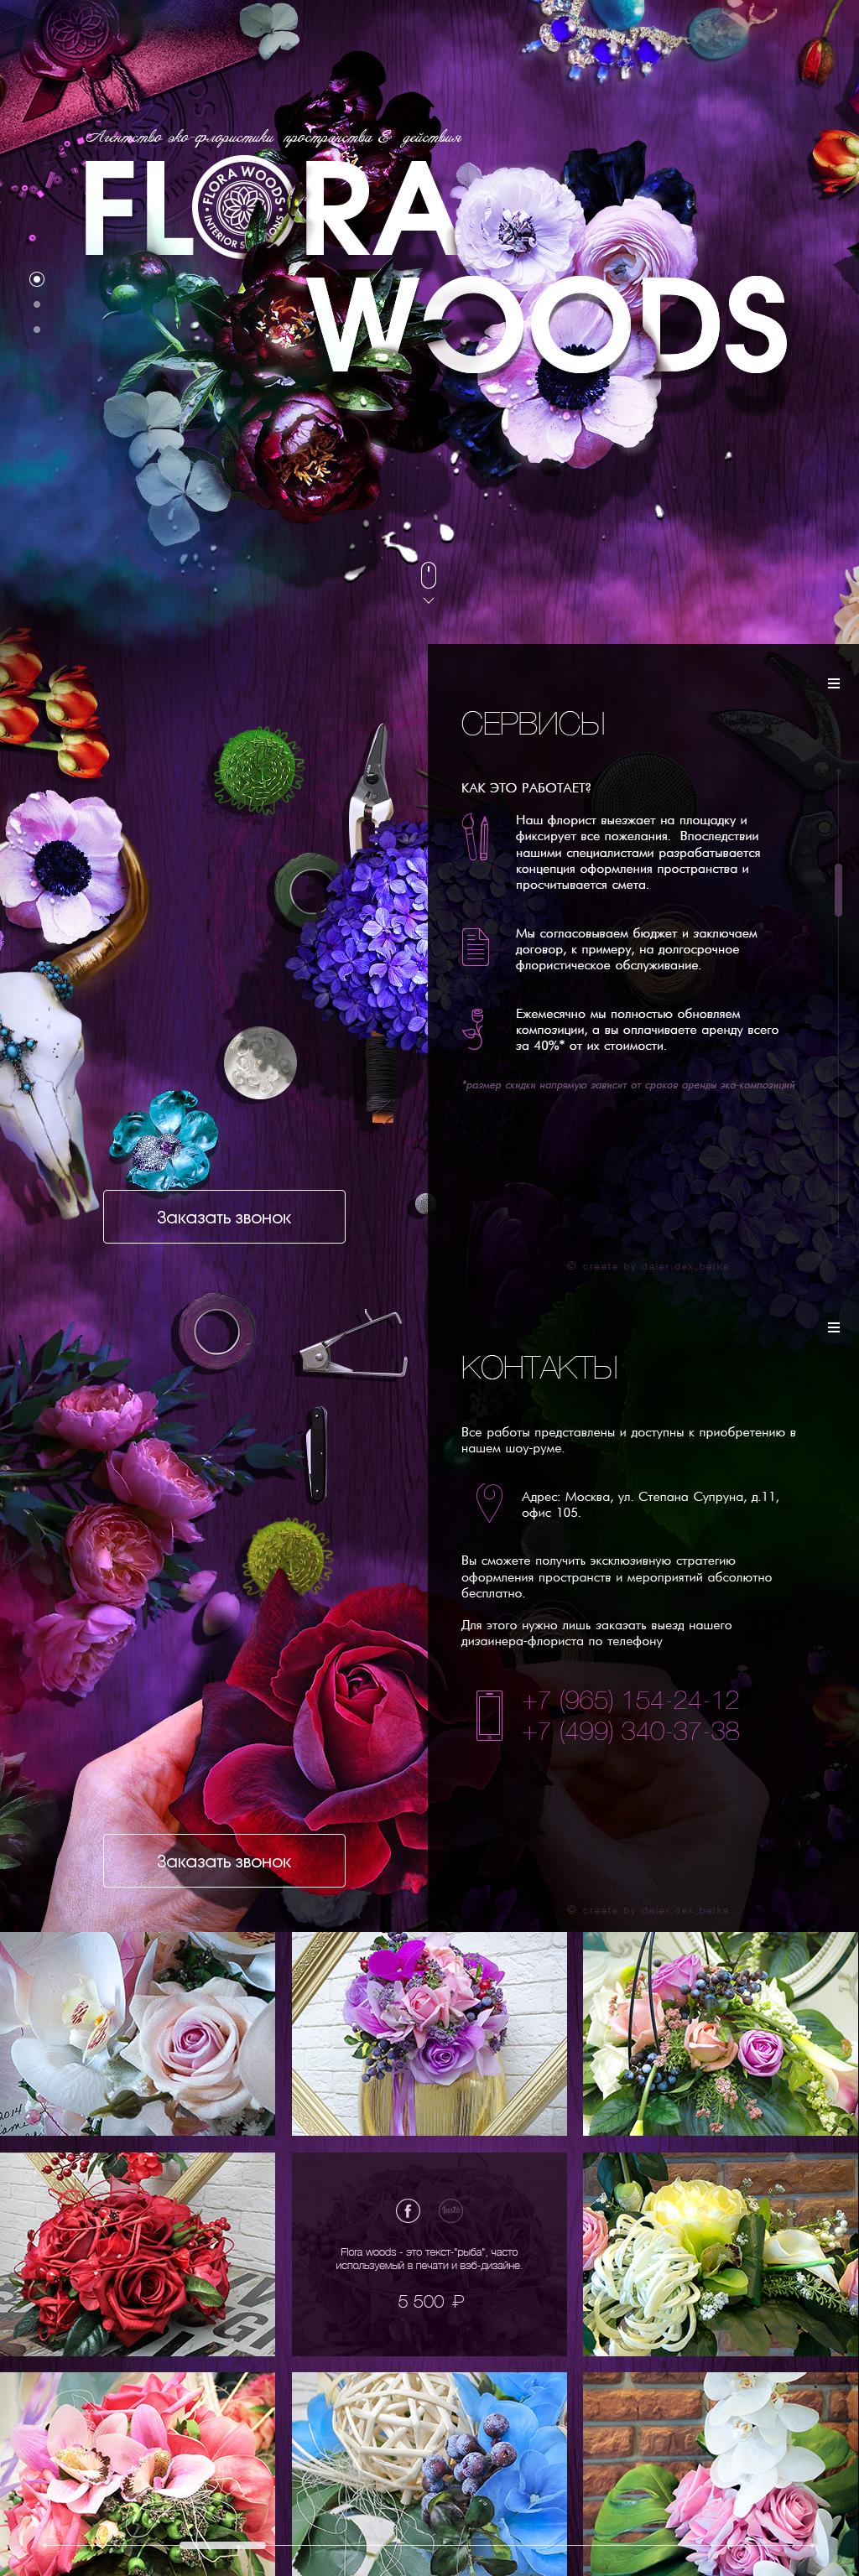 Дизайн Landing Page для агенства по флористике